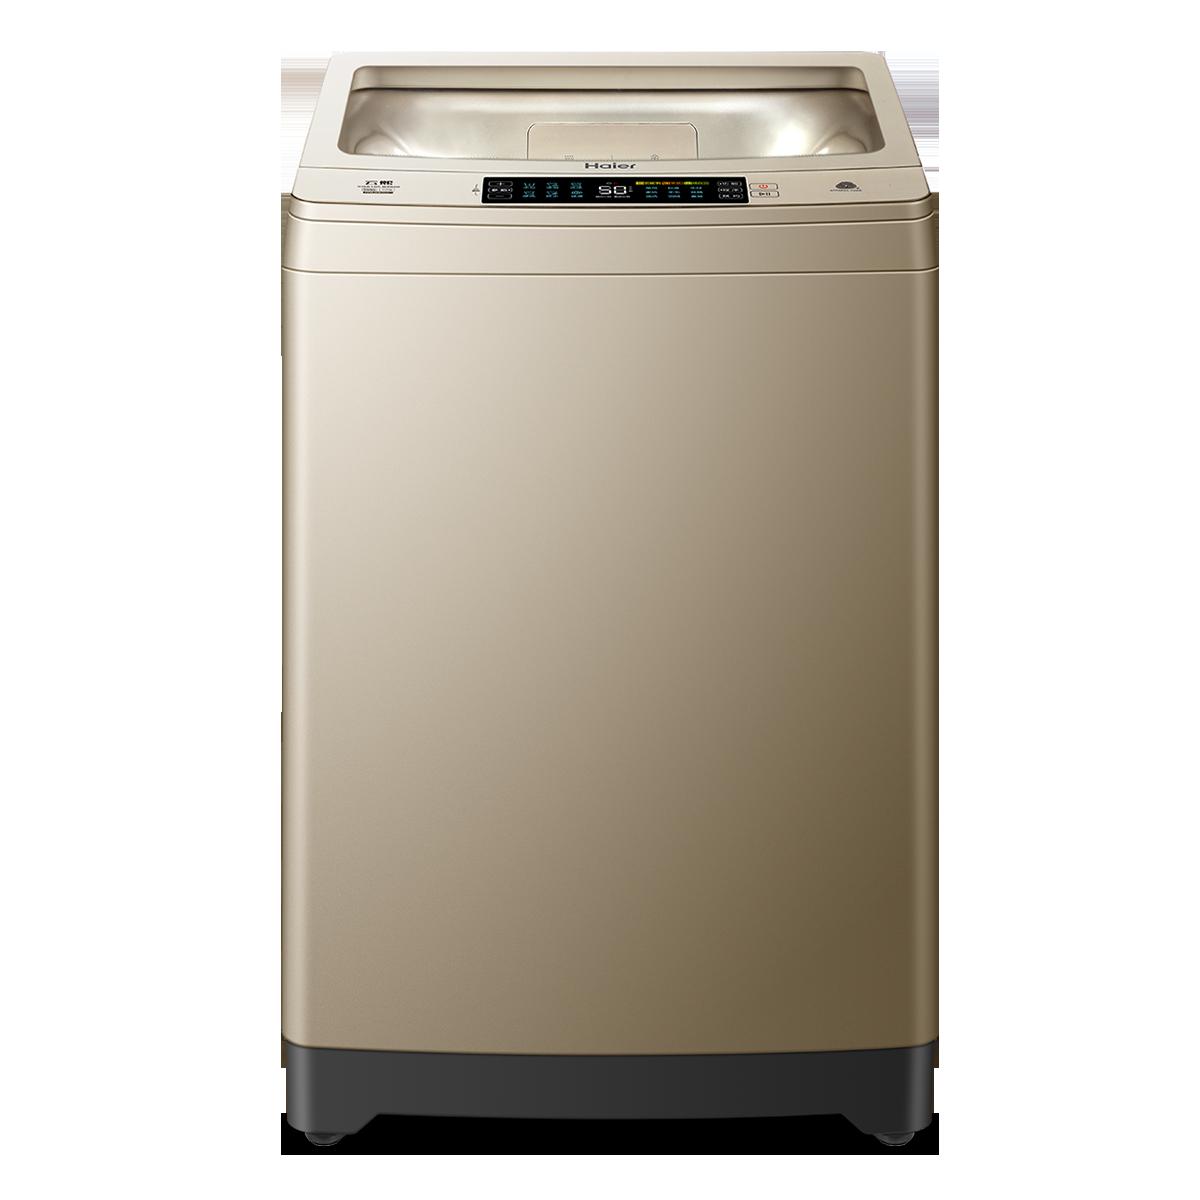 海尔Haier洗衣机 XQS100-BZ858 说明书